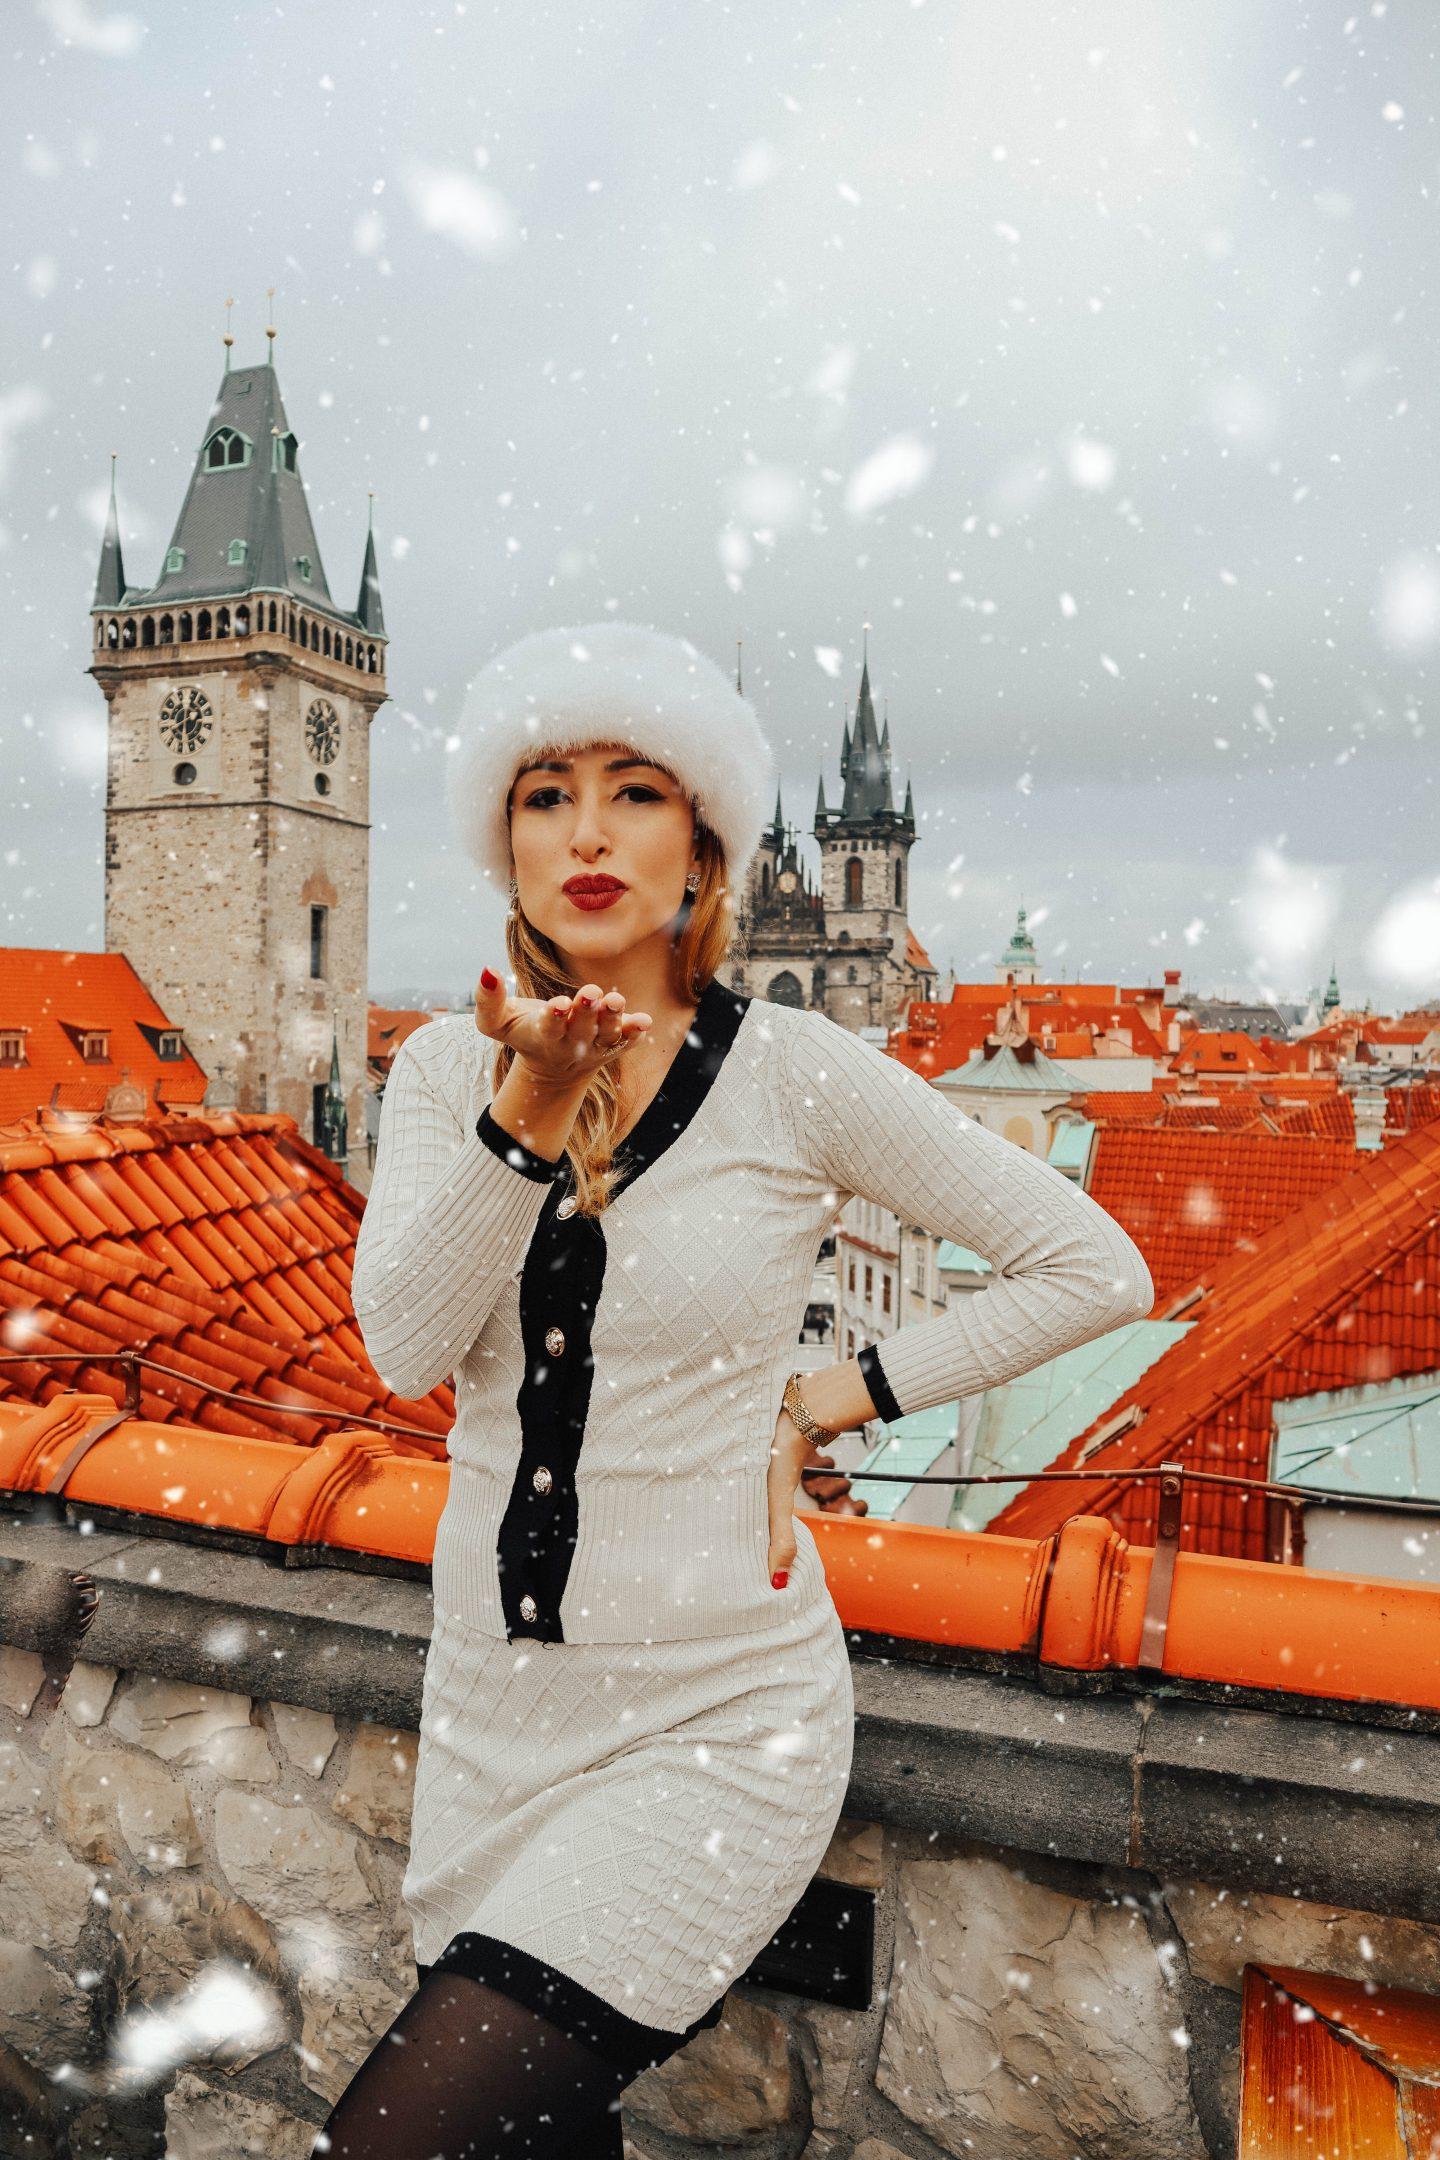 Prague for Christmas